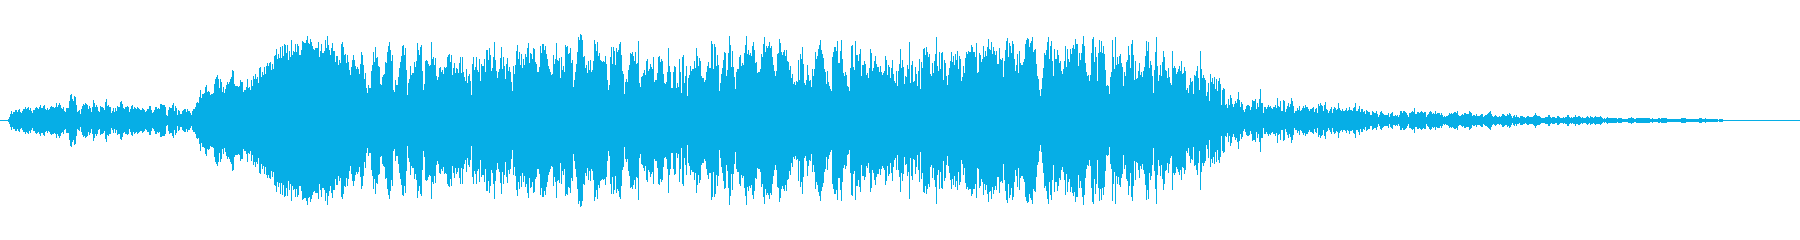 プワプワプワプワン(シンセ系ブリブリ音)の再生済みの波形